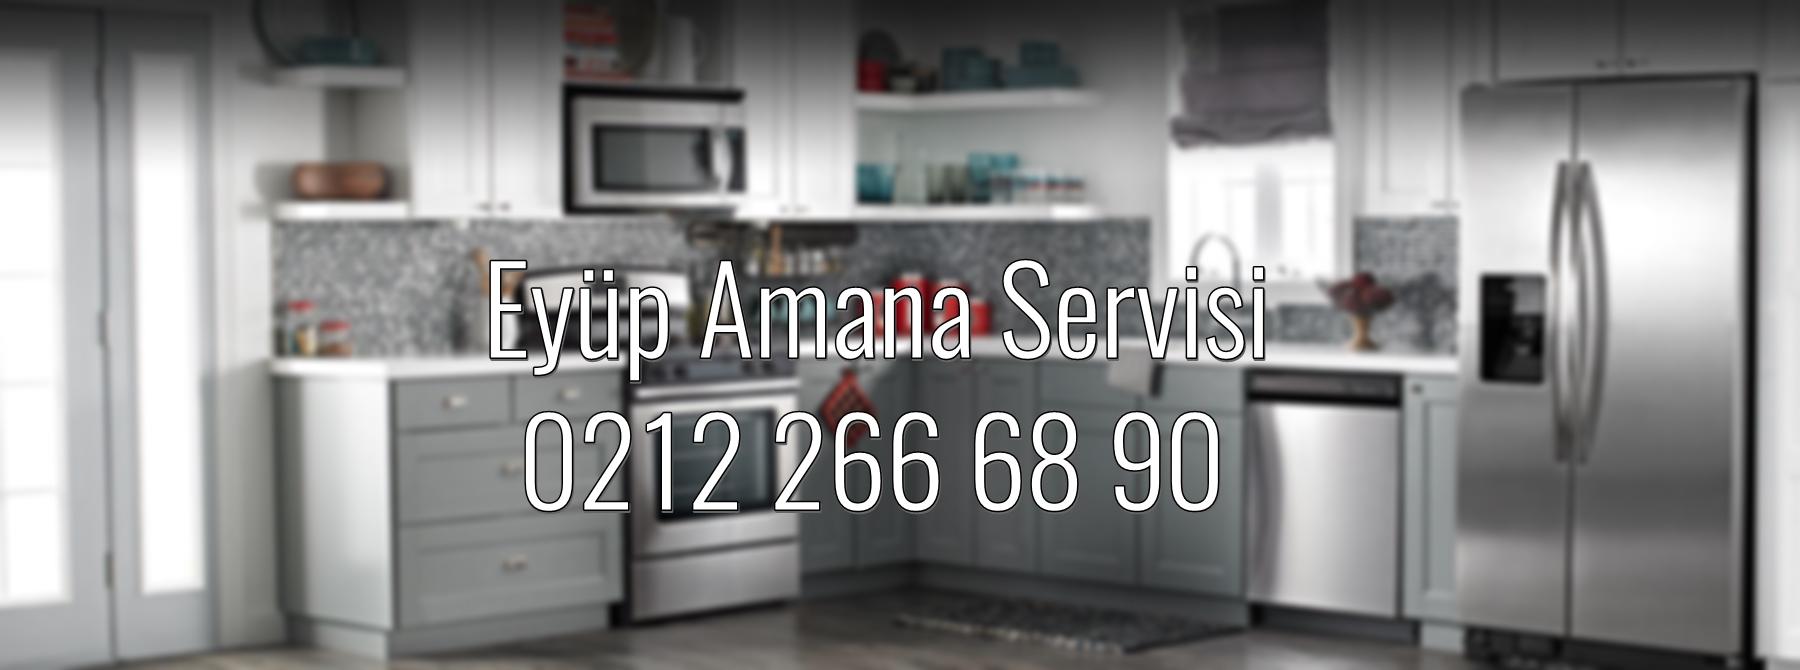 Eyüp Amana Servisi